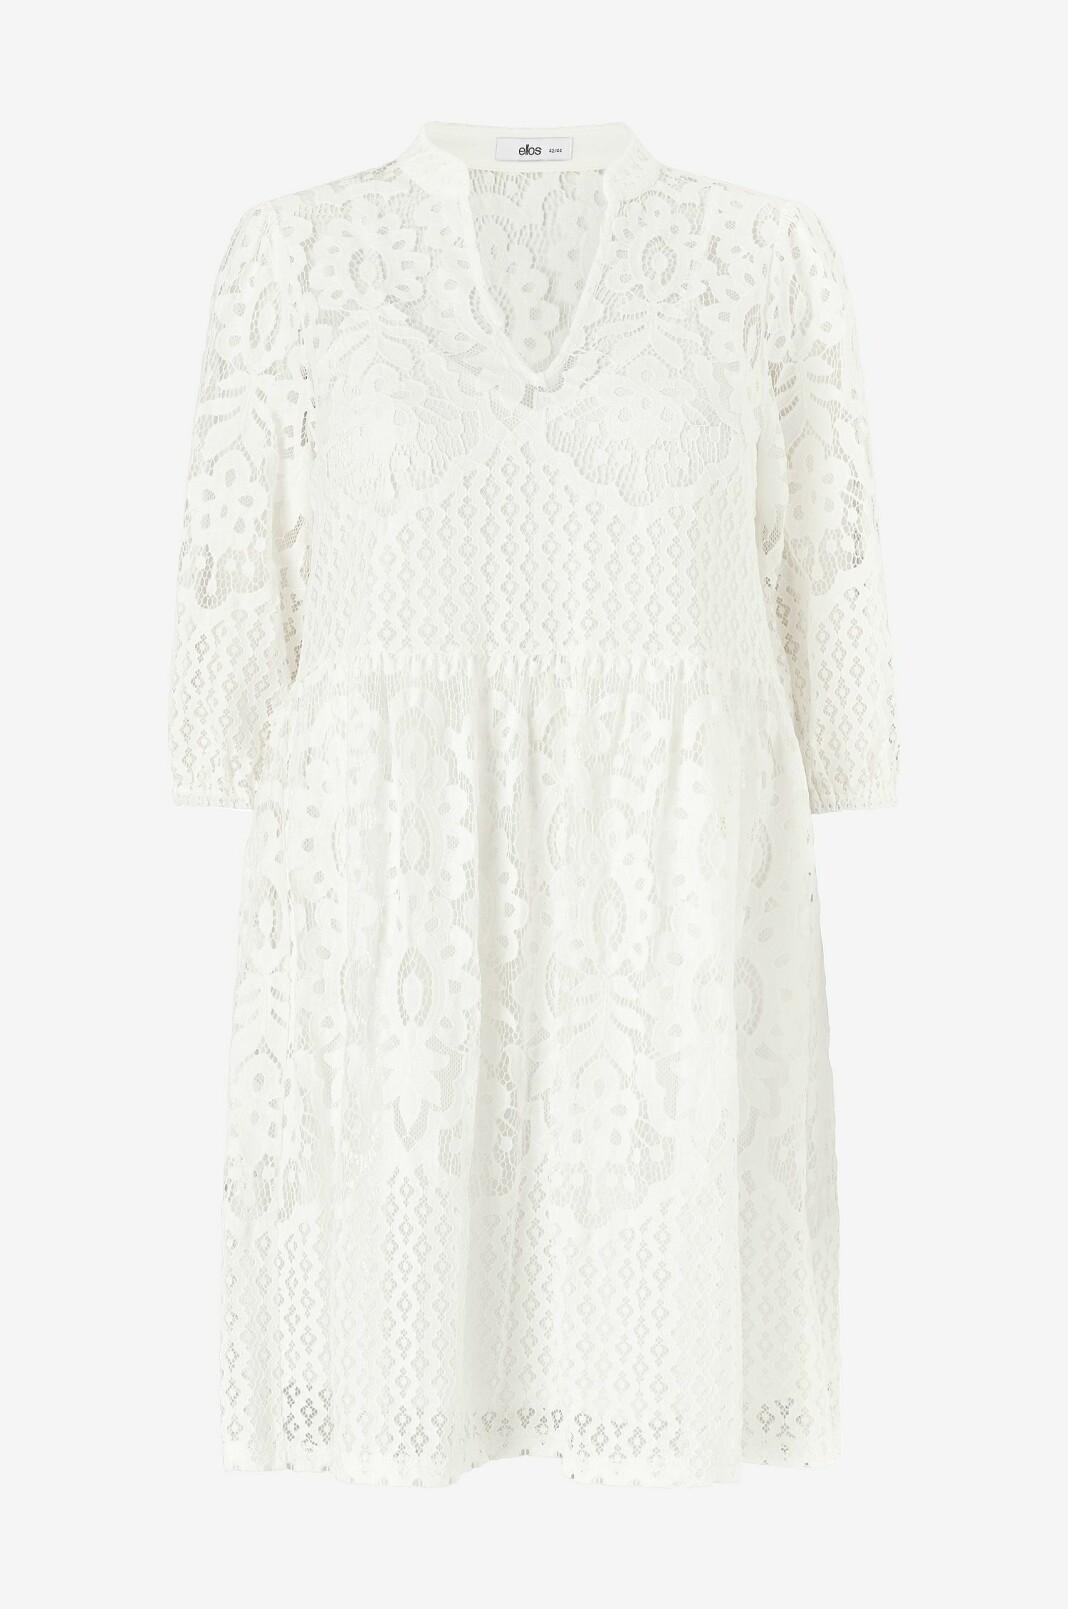 Vacker vit klänning i spets, för lite festligare tillfällen